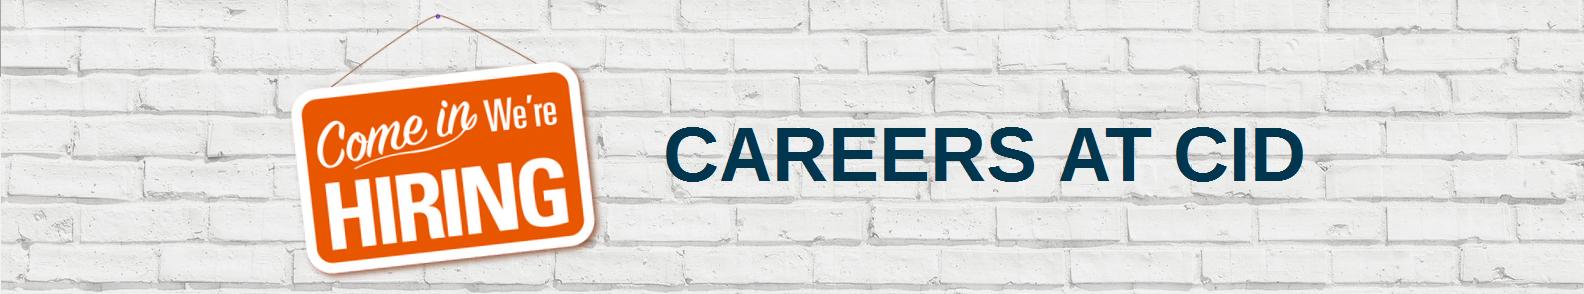 cid-careers-image